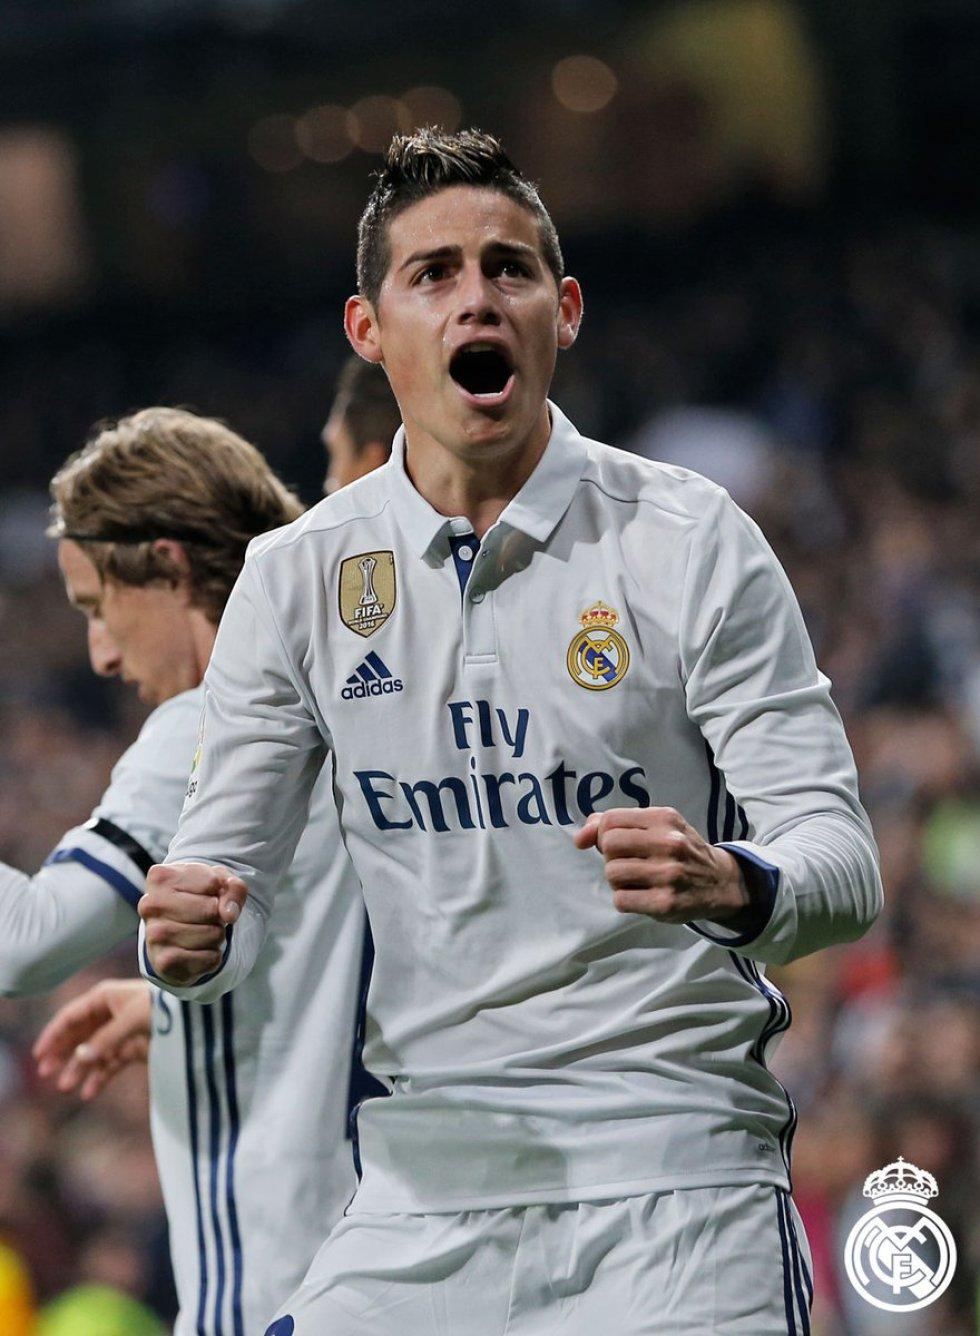 Real Madrid venció 3-0 al Sevilla y lo visitará el próximo 11 de enero en el juego de vuelta.